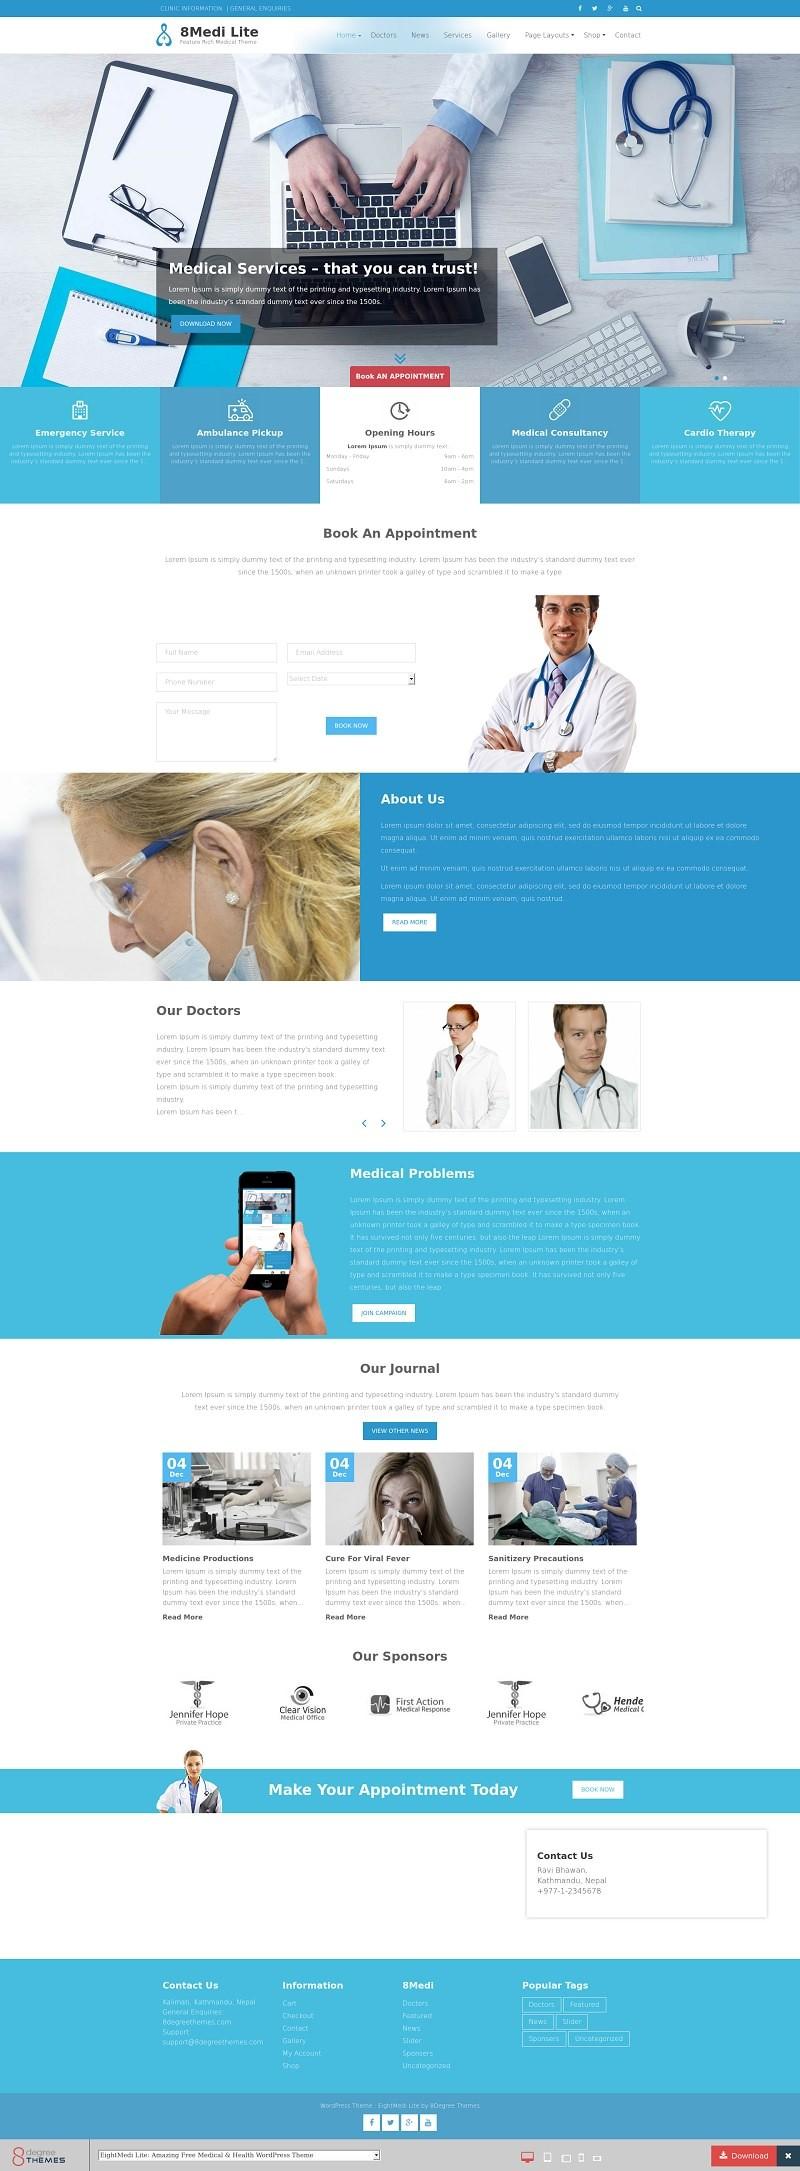 Скрин бесплатного медицинского шаблона.